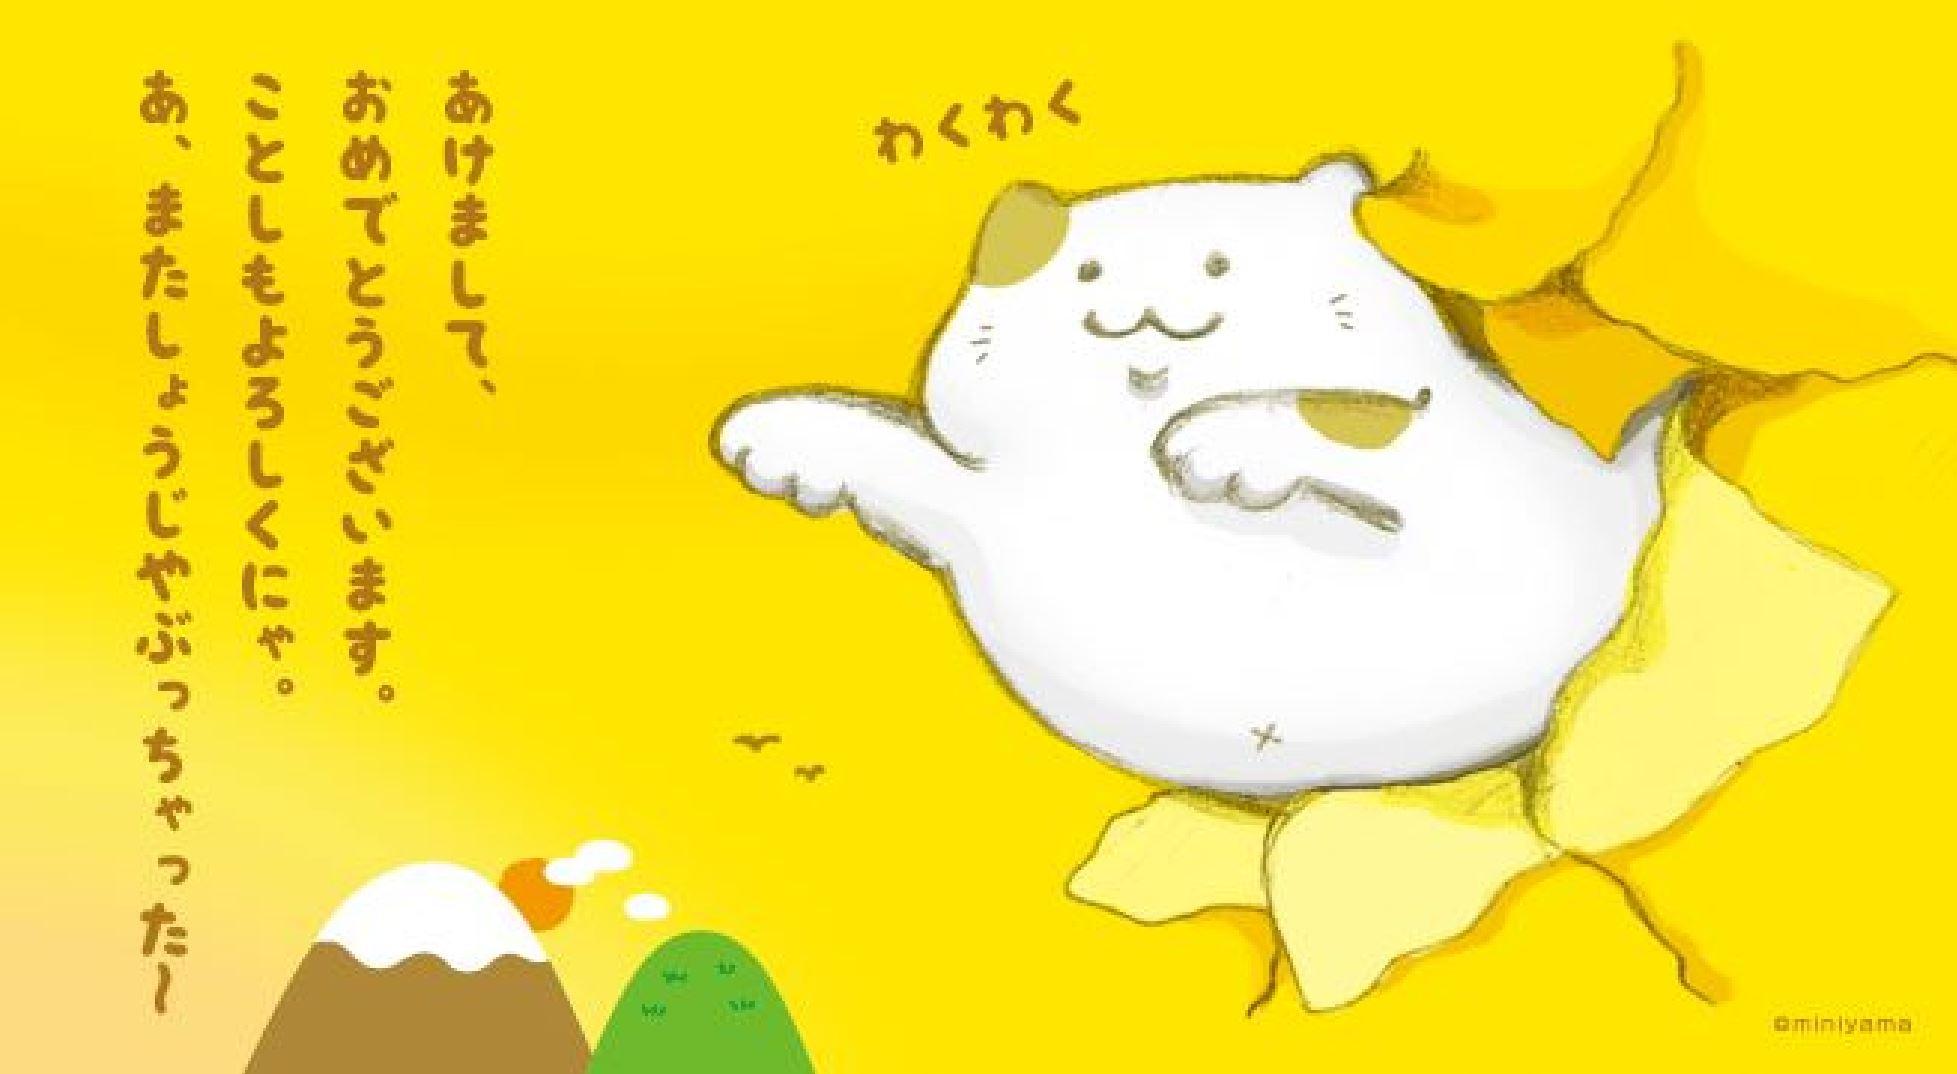 商用利用可能!無料で使えるカワイイ系日本語フォント9種!( ・`д